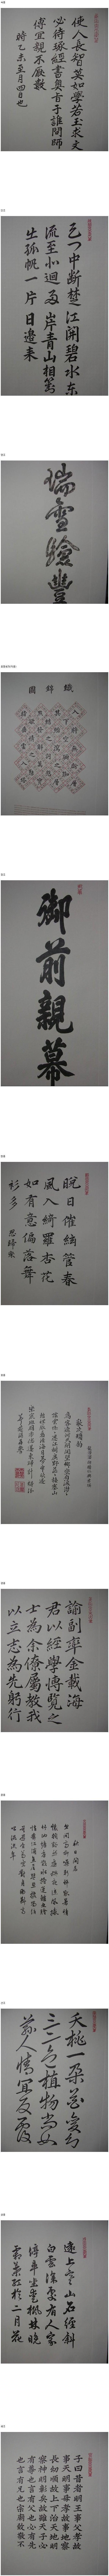 역대 조선왕들의 글씨체.jpg